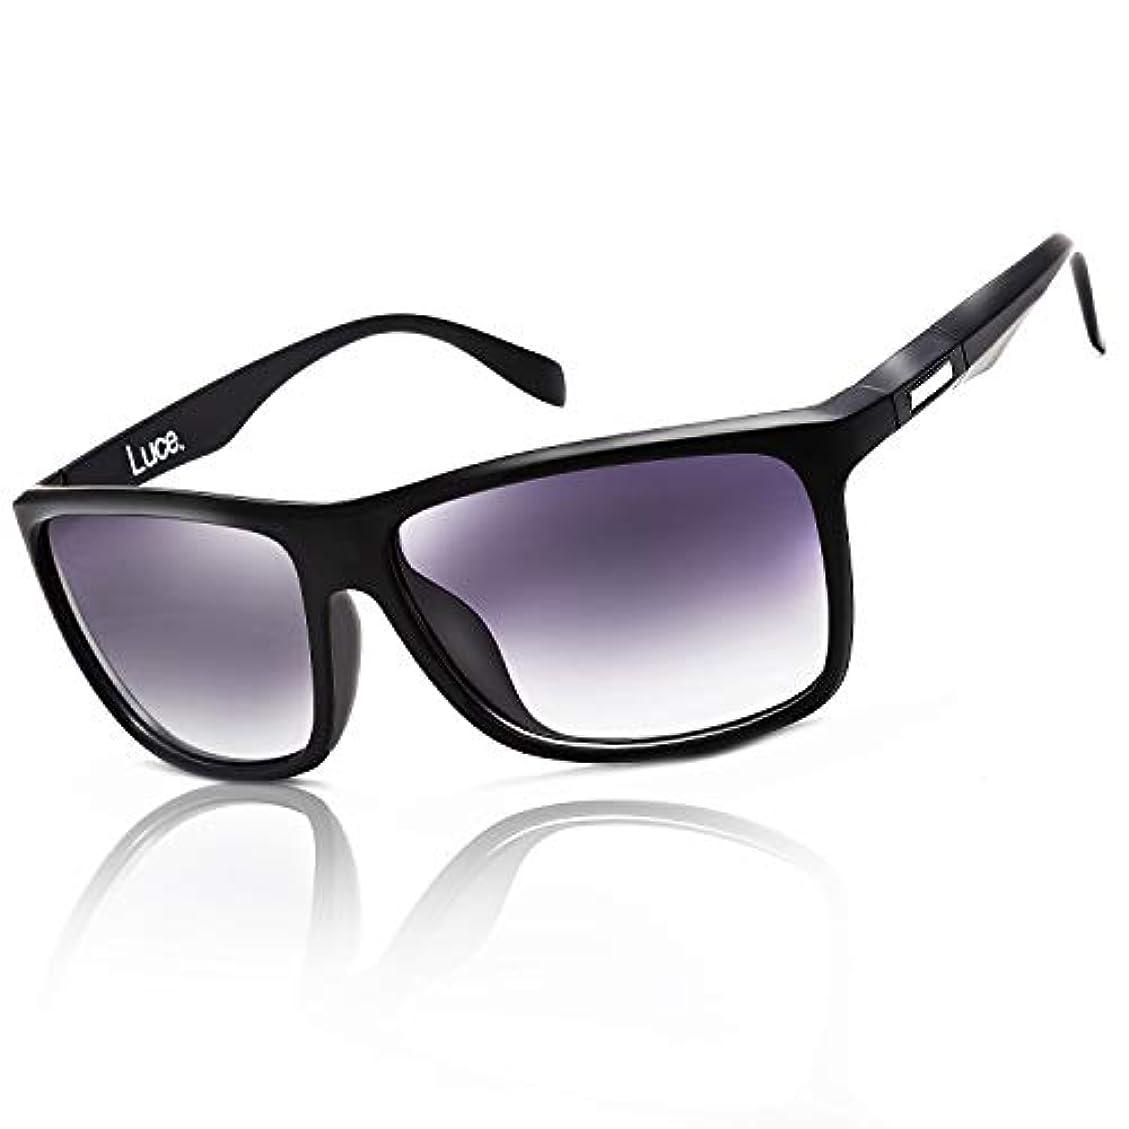 二層ボンド遠征Luce.サングラス スポーツ 偏光レンズ UV 400 カット 紫外線 6カラー ランニング ドライブ 釣り 専用BOX付